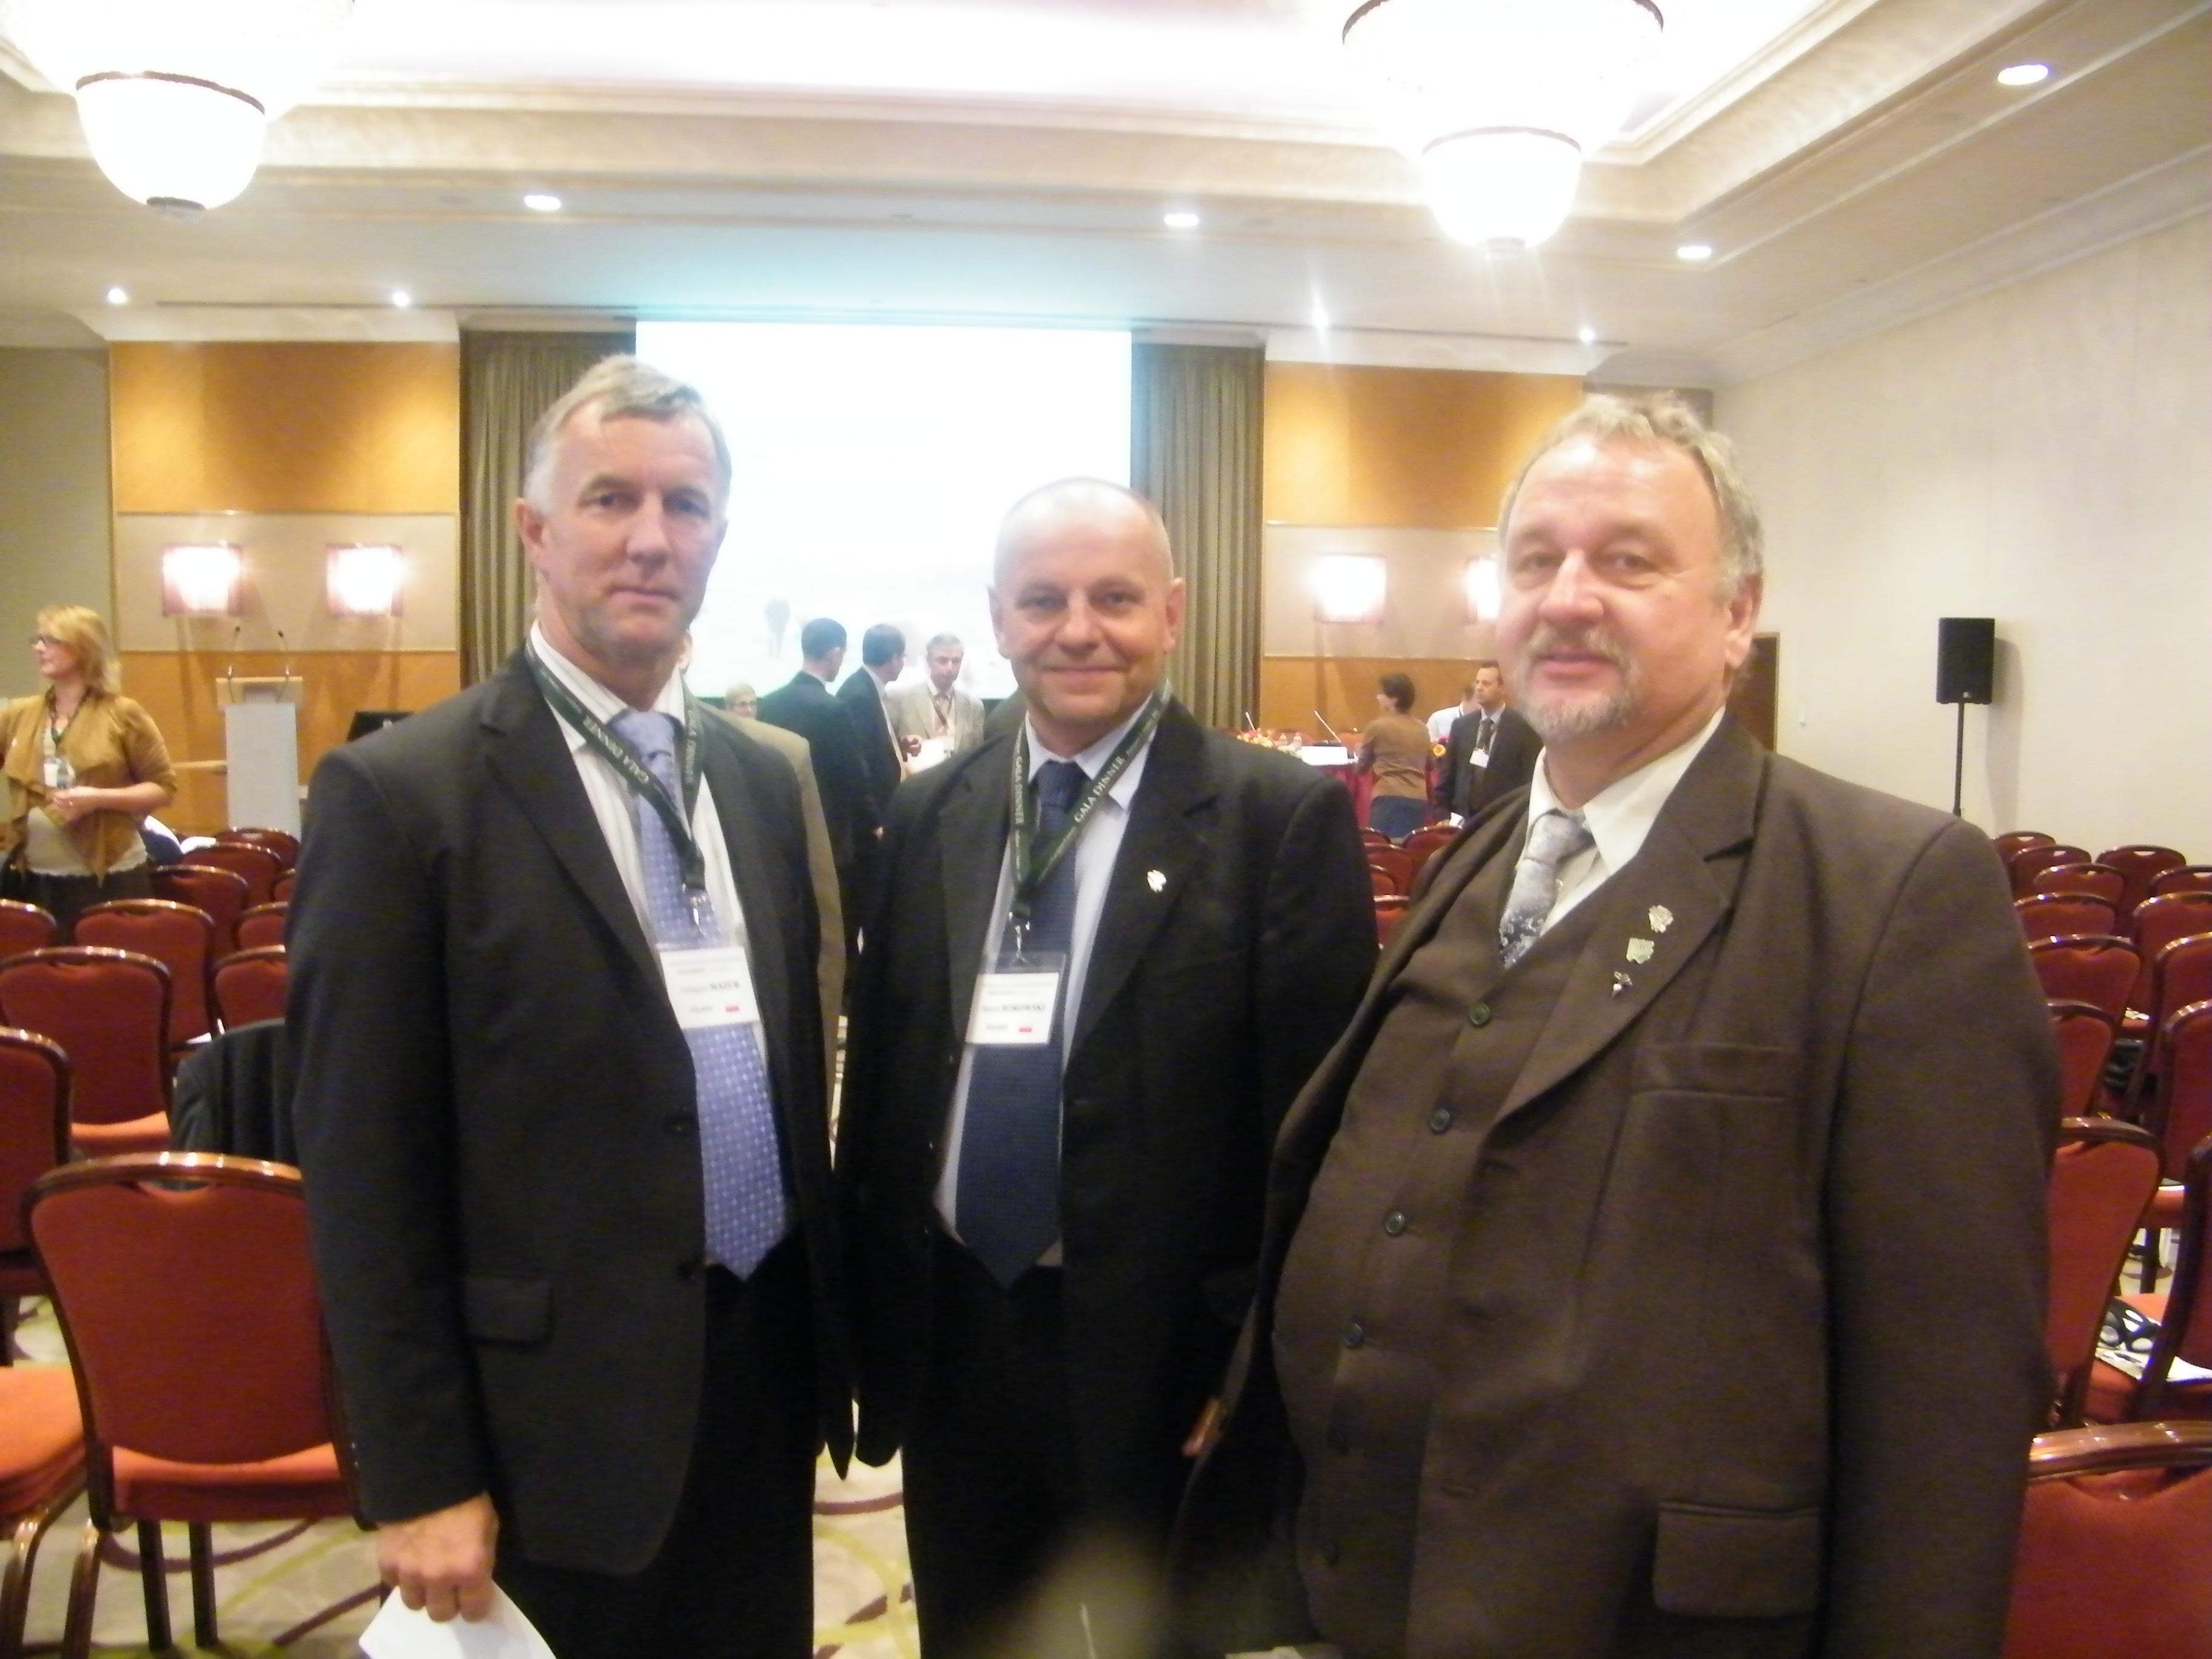 Kongres Europejskich Rolników w Budapeszcie